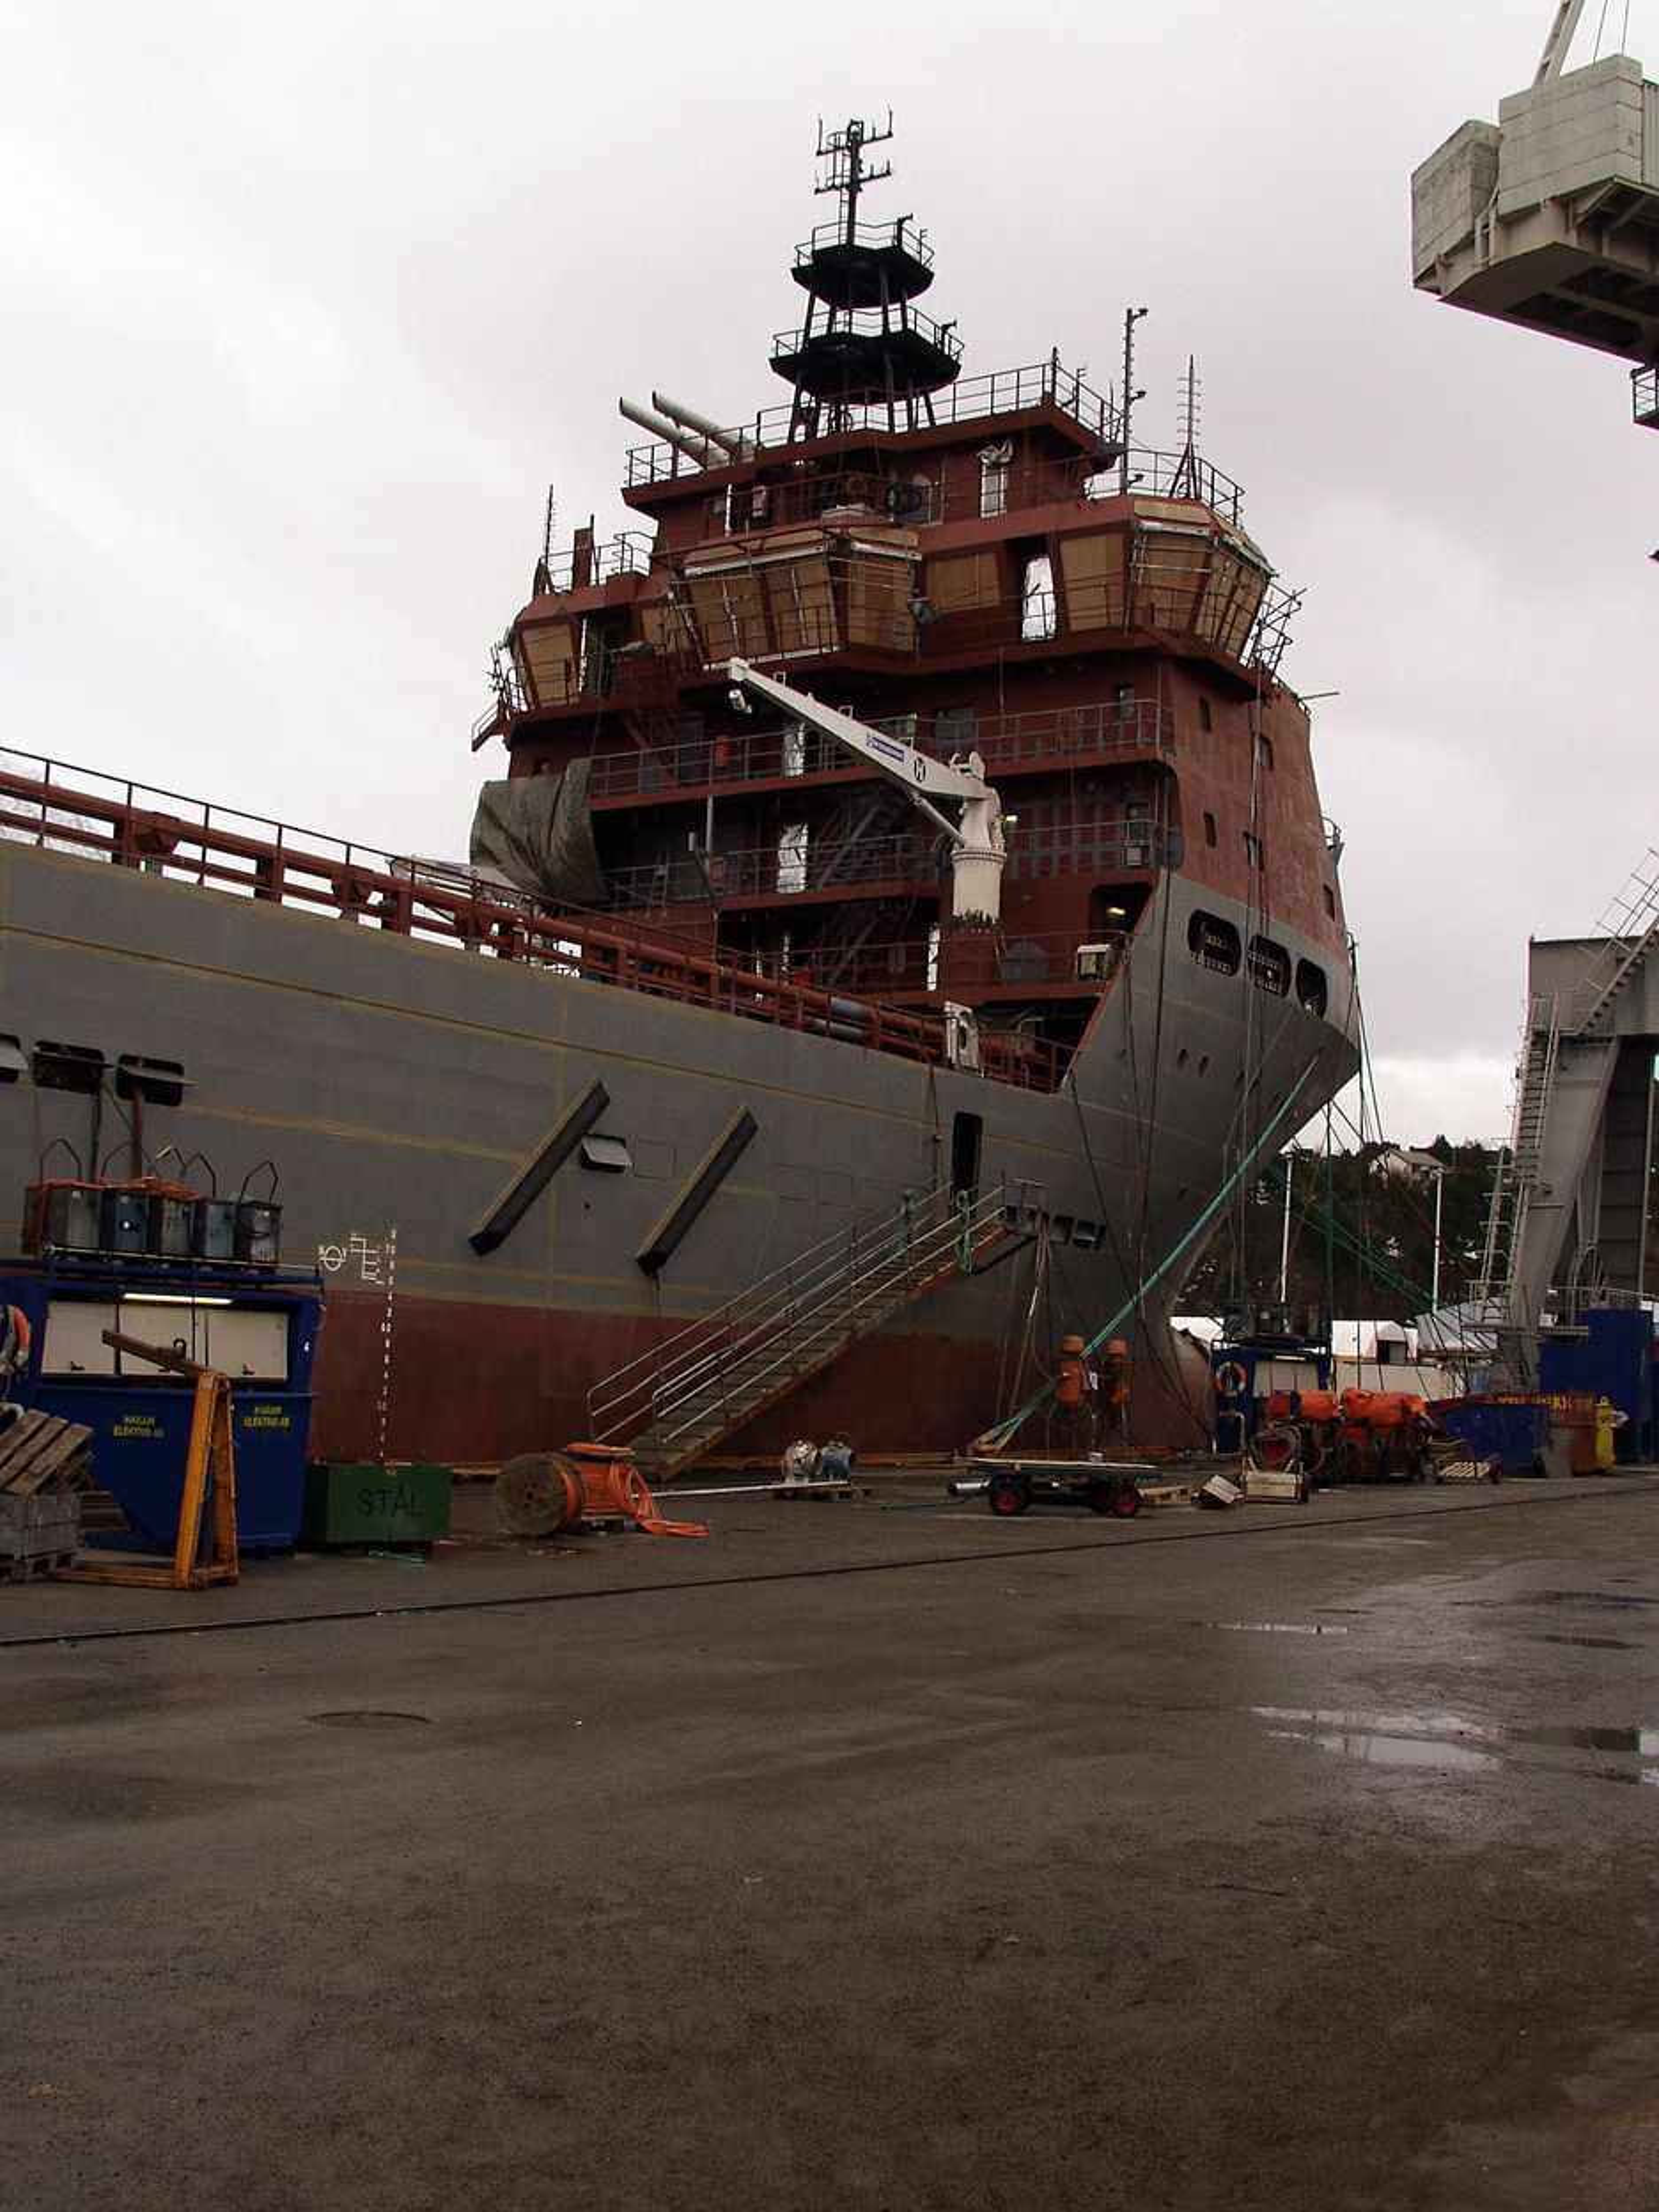 EKSPORTINDUSTRI: Industrien i Midt-Norge er eksportrettet. Verdiskapingen per arbeidsplass er på rundt 700.000 kroner. Her fra Aker Yards Brattvaag. Nylig skrev de kontrakt med Maersk til en verdi av mer enn 3,3 milliarder kroener.